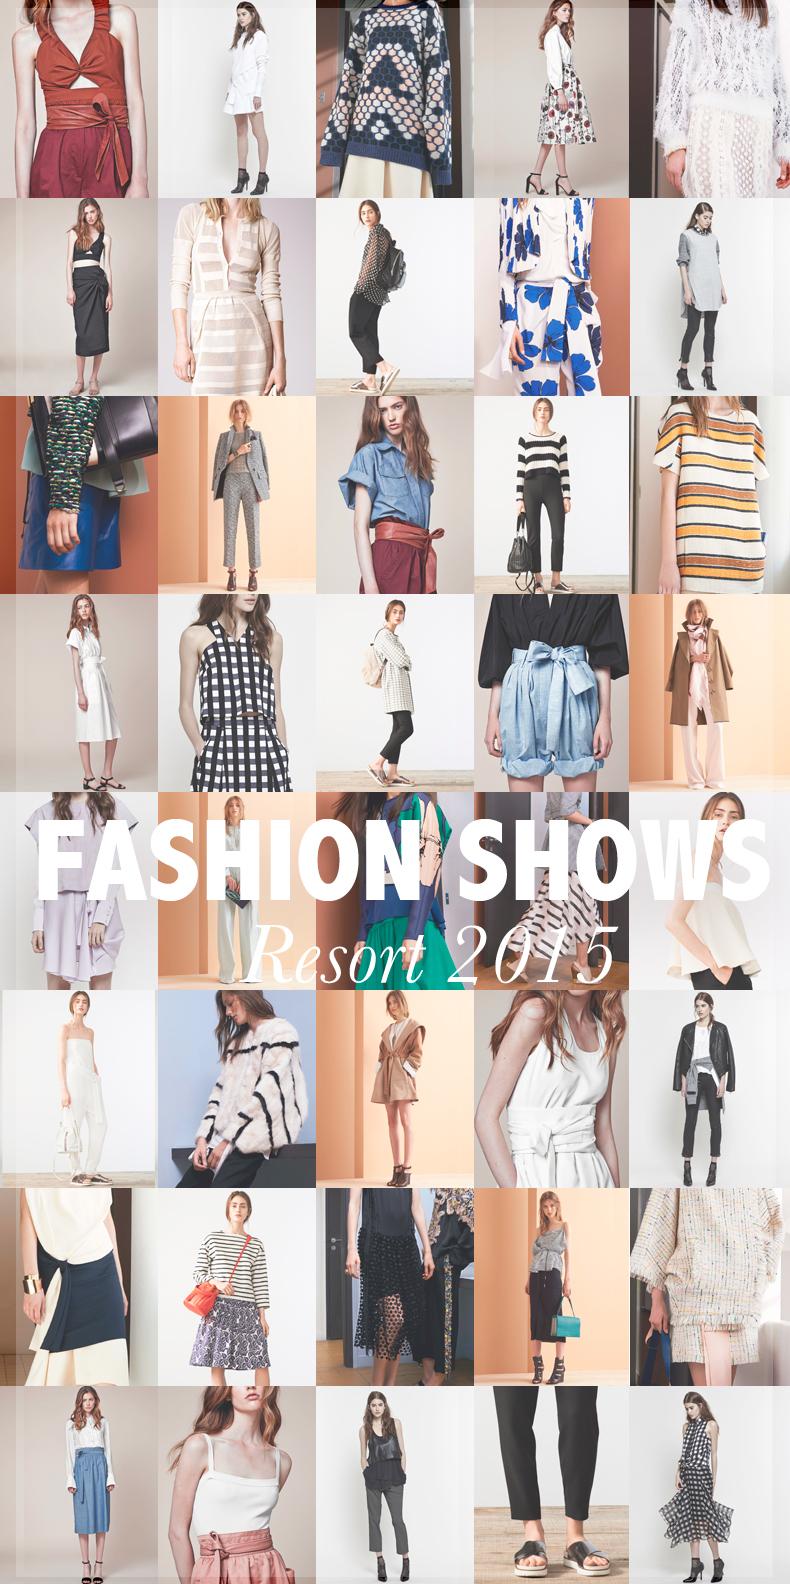 Resort_2015-Fashion_Shows-